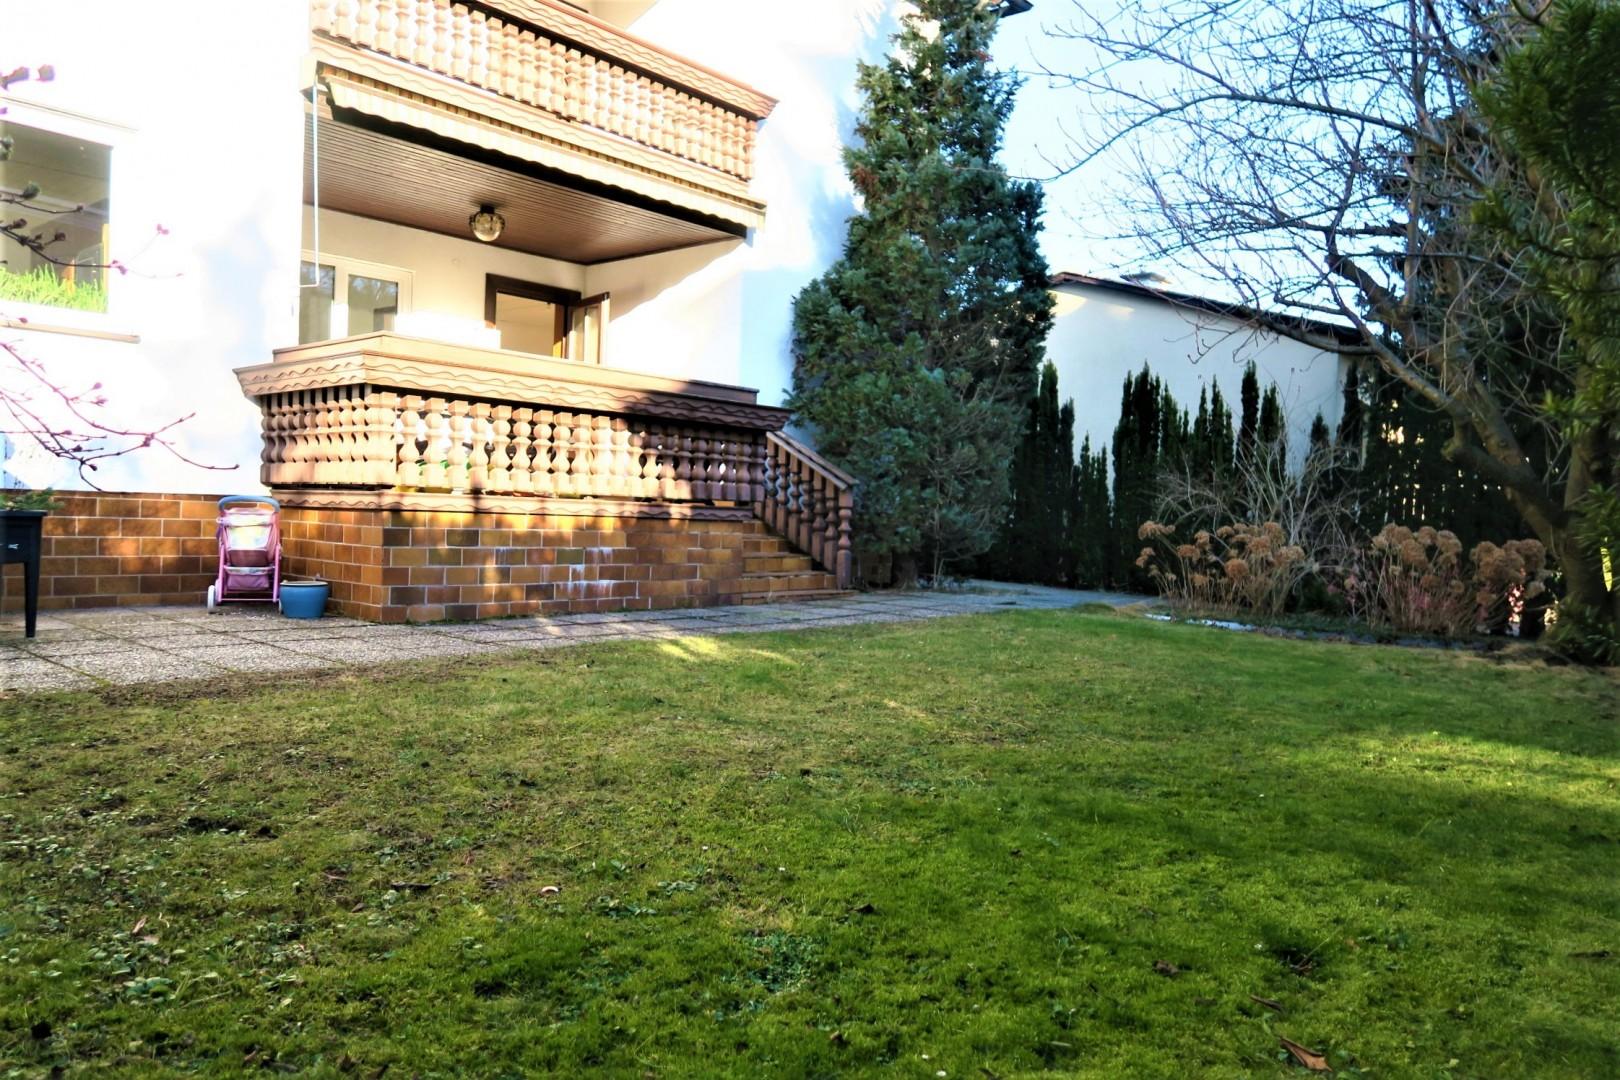 Perfekte Familienwohnung mit schönem Garten, Terrasse und großem Keller!